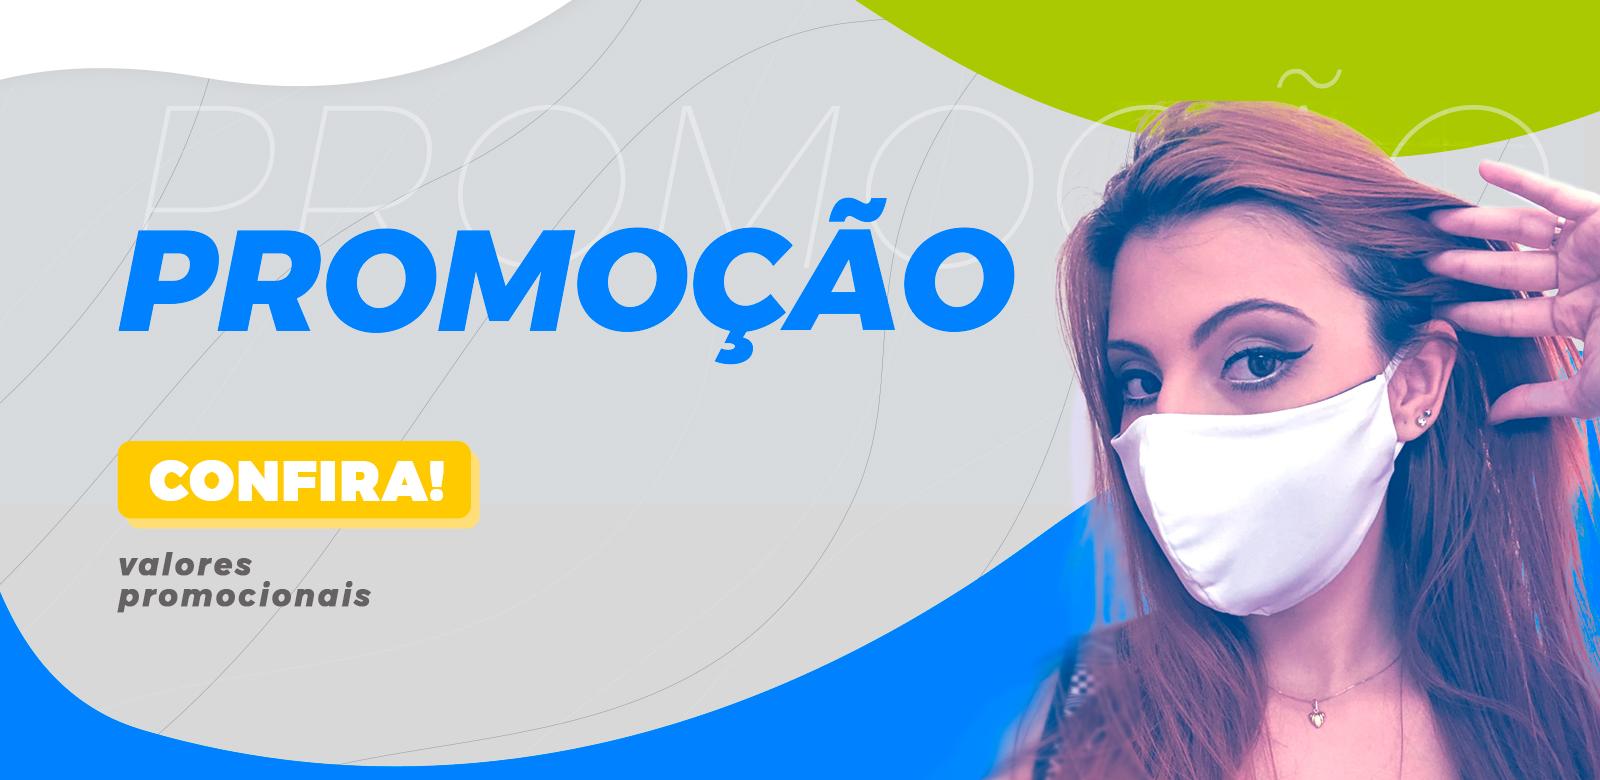 Promo máscaras